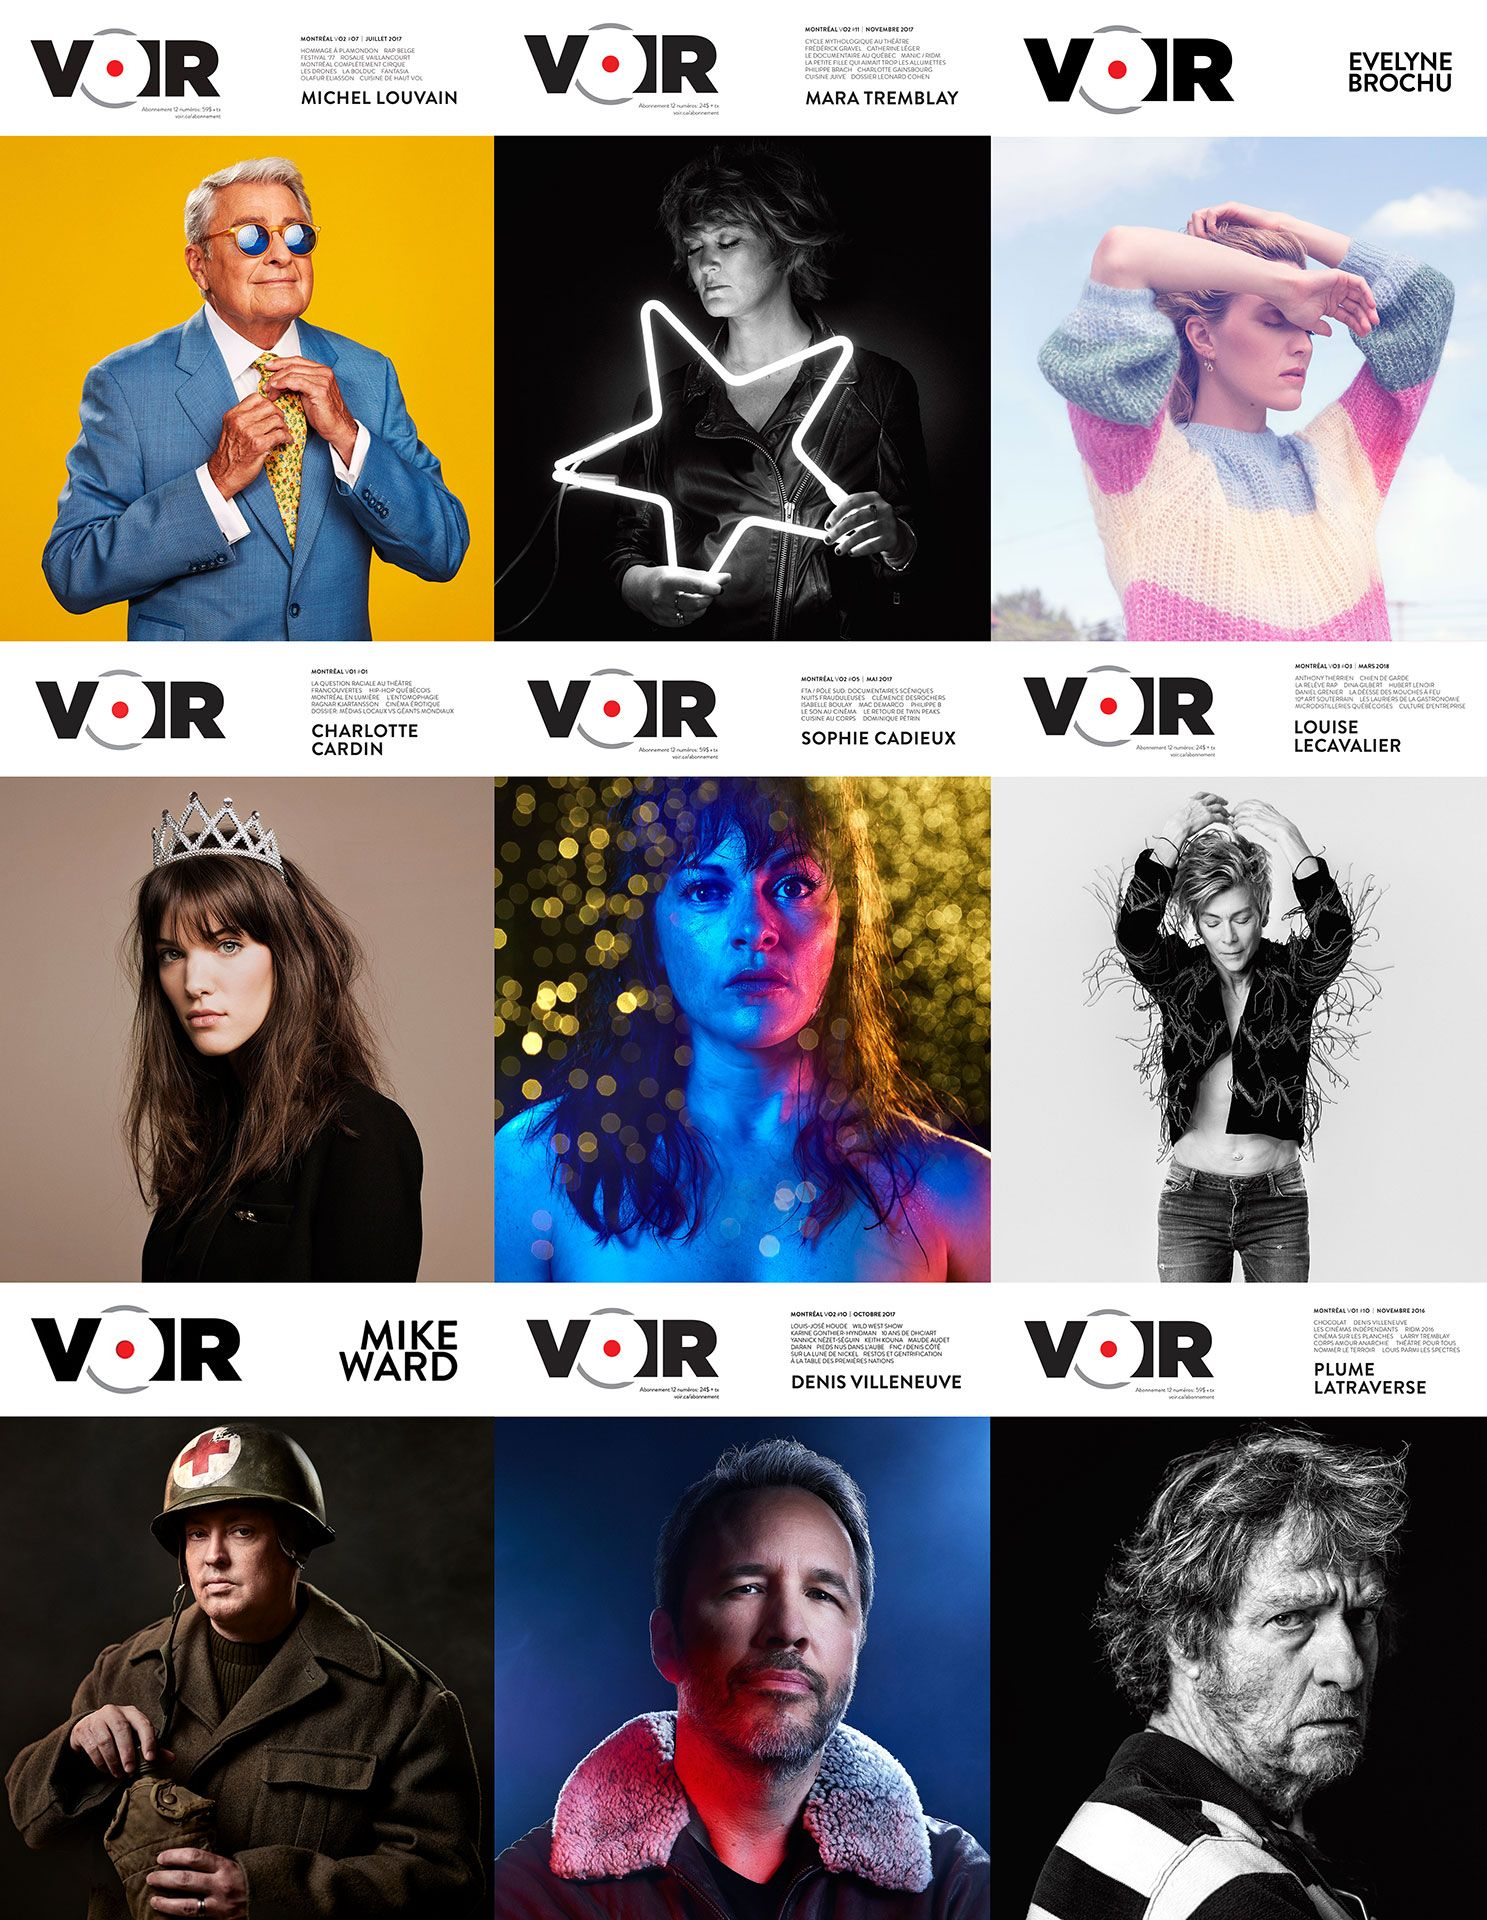 Voir magazine layouts shot by Jocelyn Michel